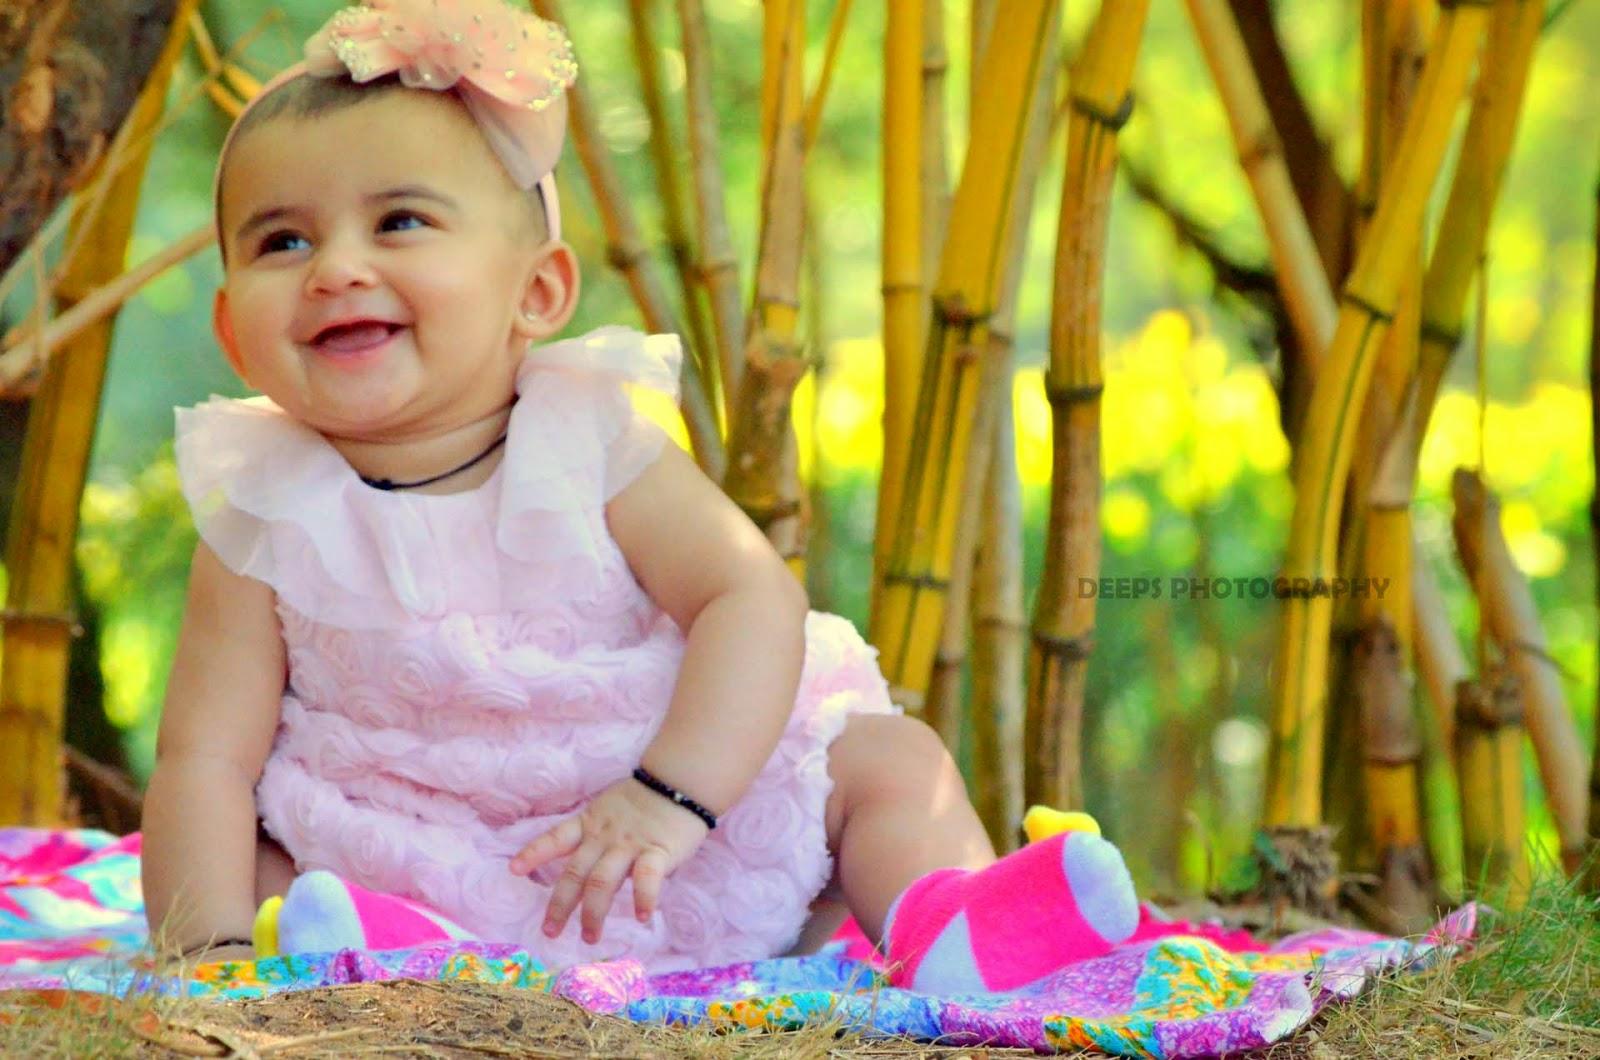 Kumpulan Gambar Bayi Perempuan Paling Imut Dan Lucu Banget 2017